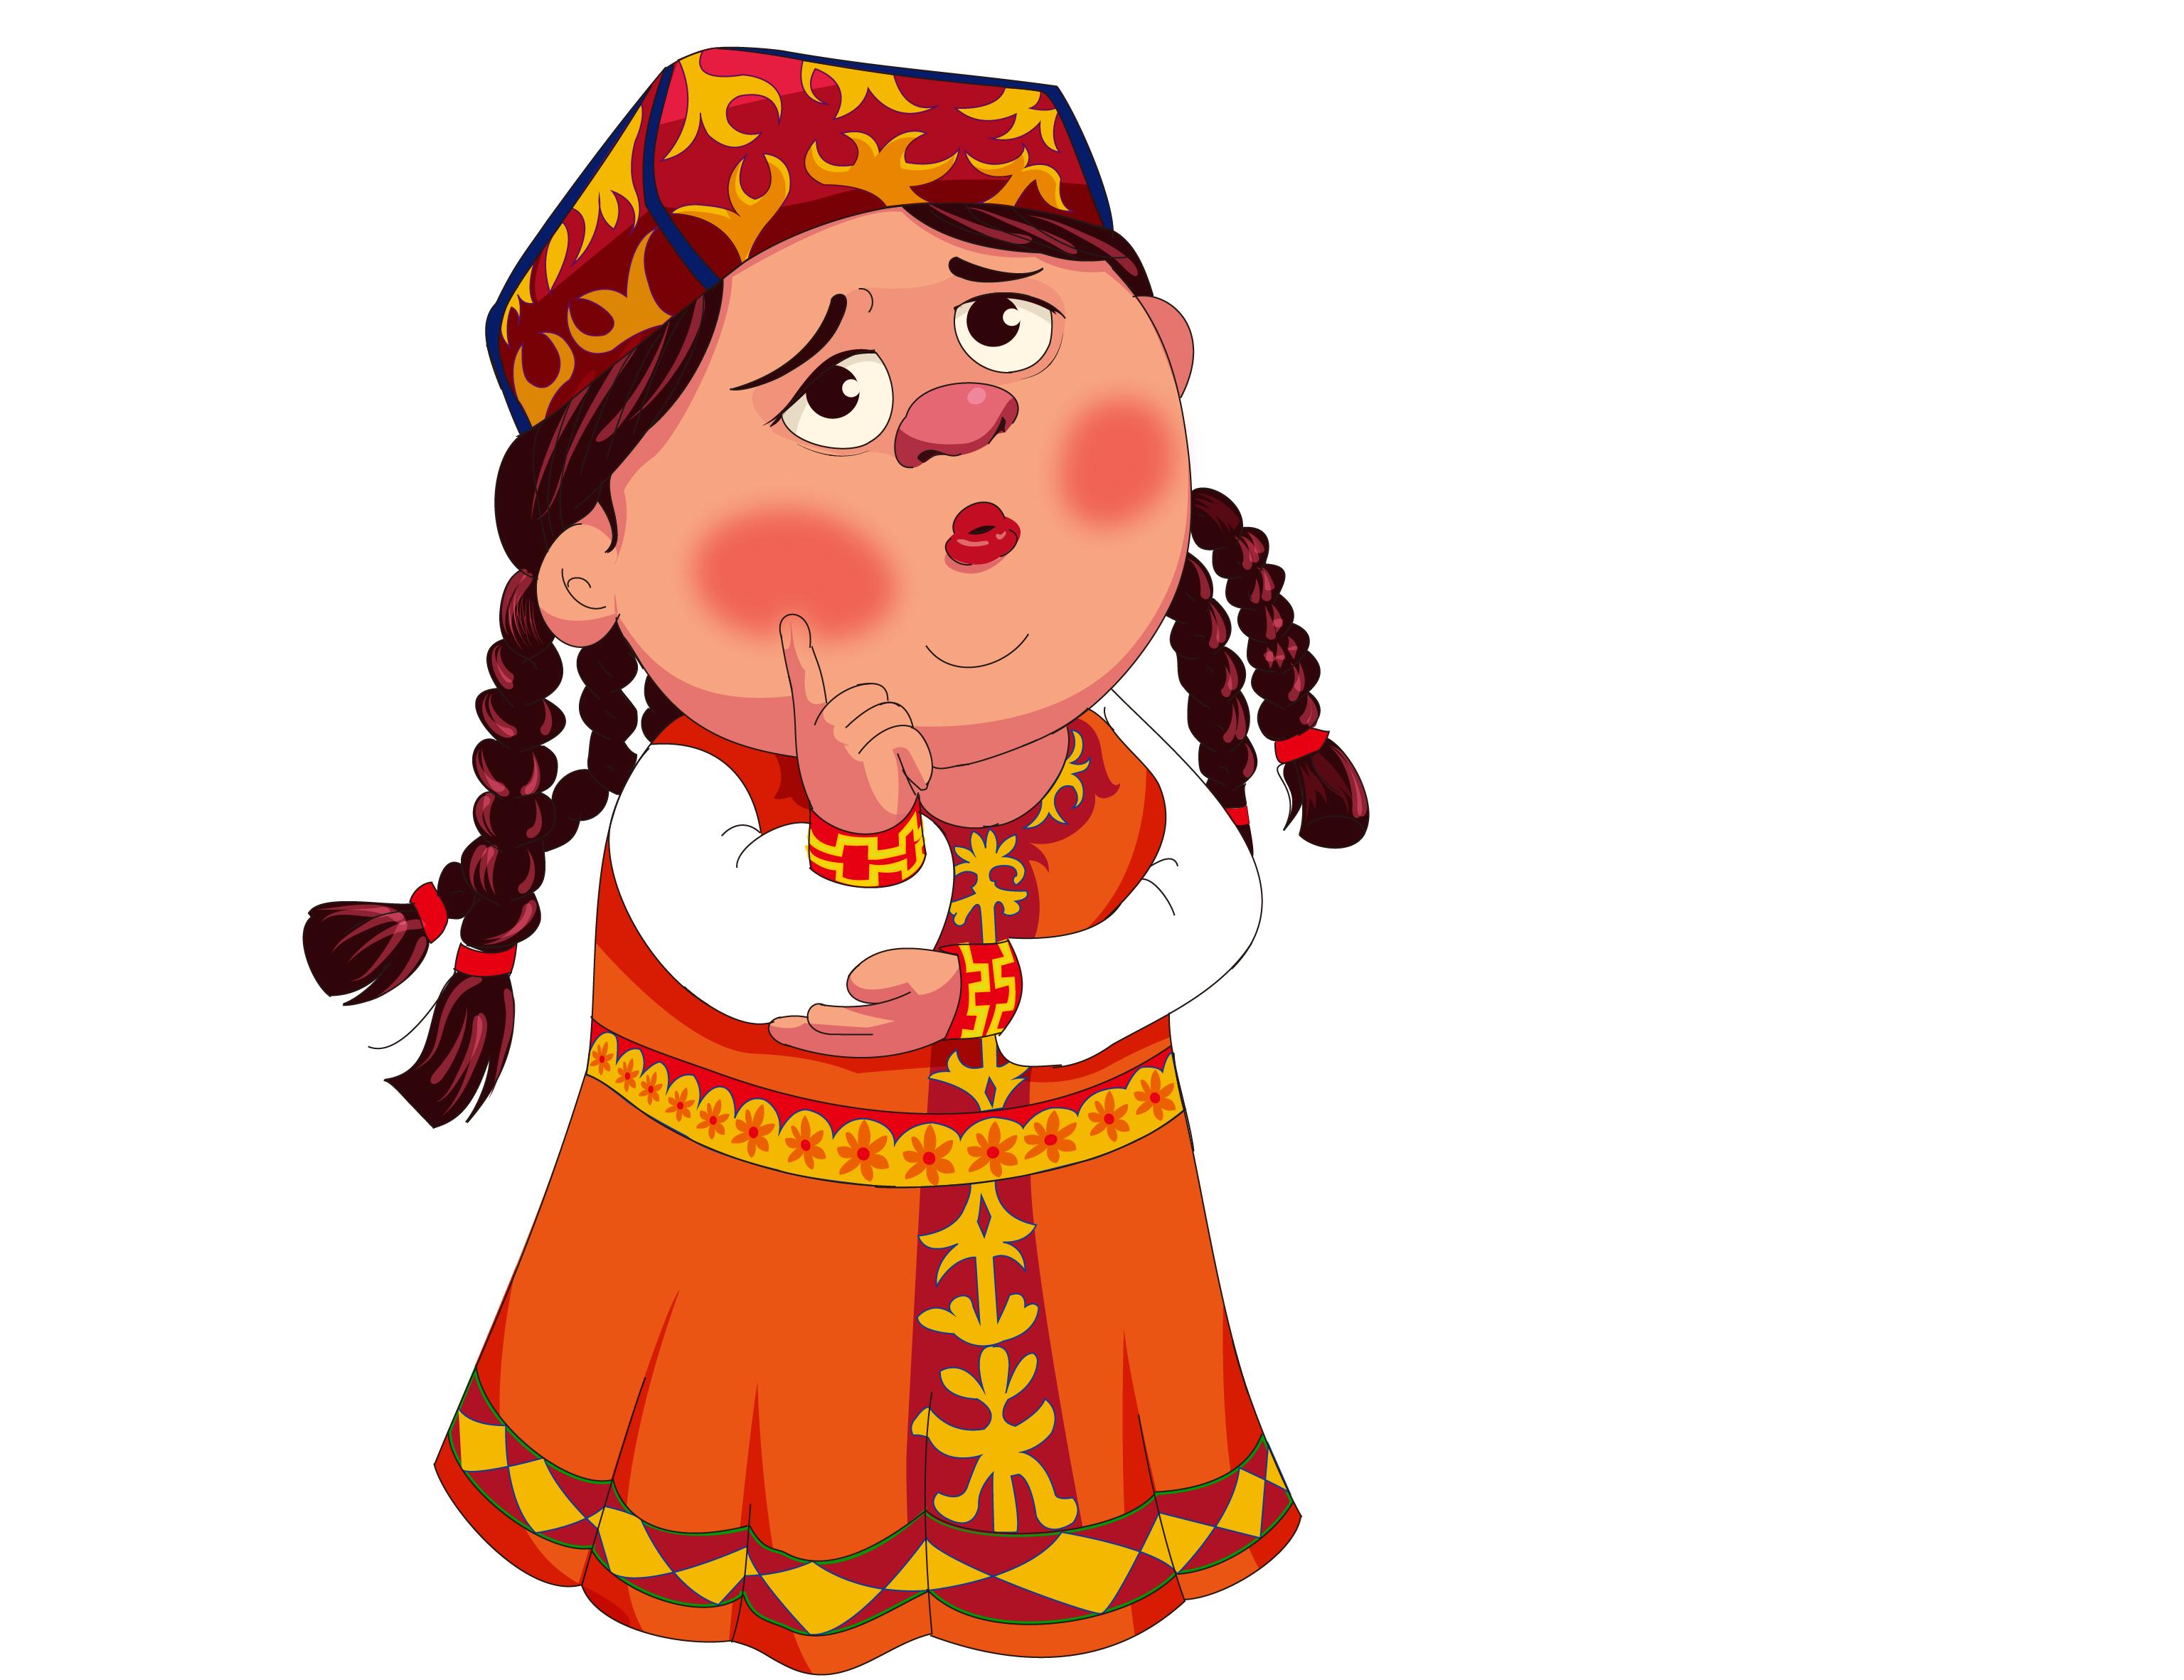 为乌鲁木齐市设计的新疆13个主体民族卡通人物图片